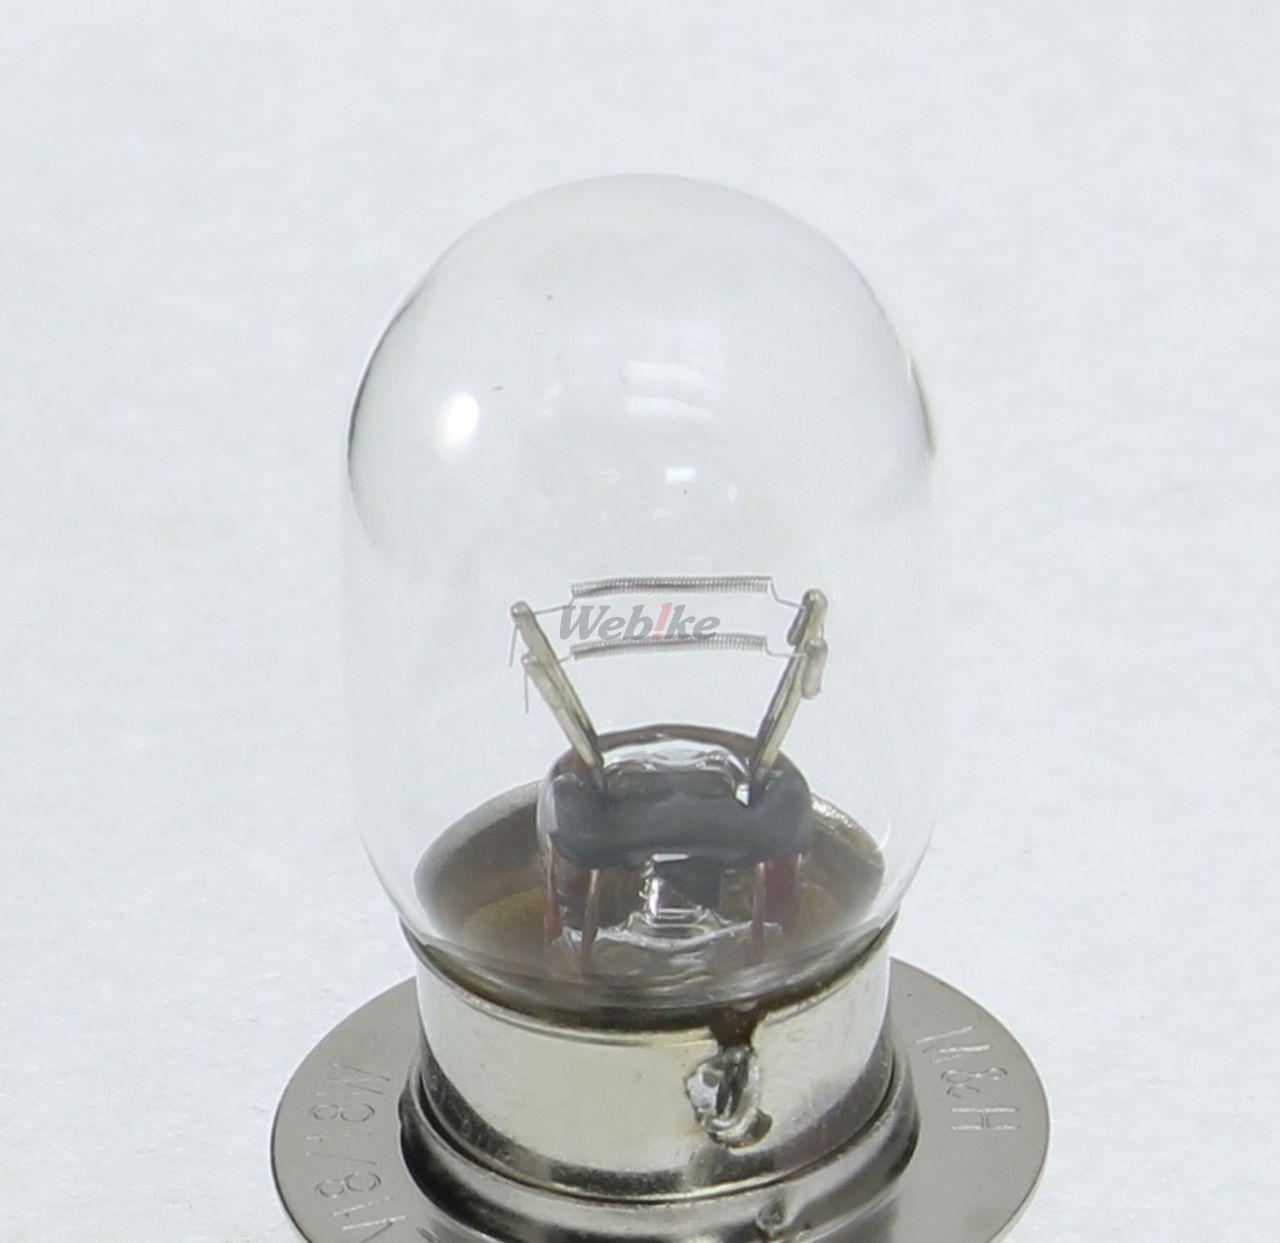 【M&H】頭燈燈泡 T19 P15D25-1 - 「Webike-摩托百貨」